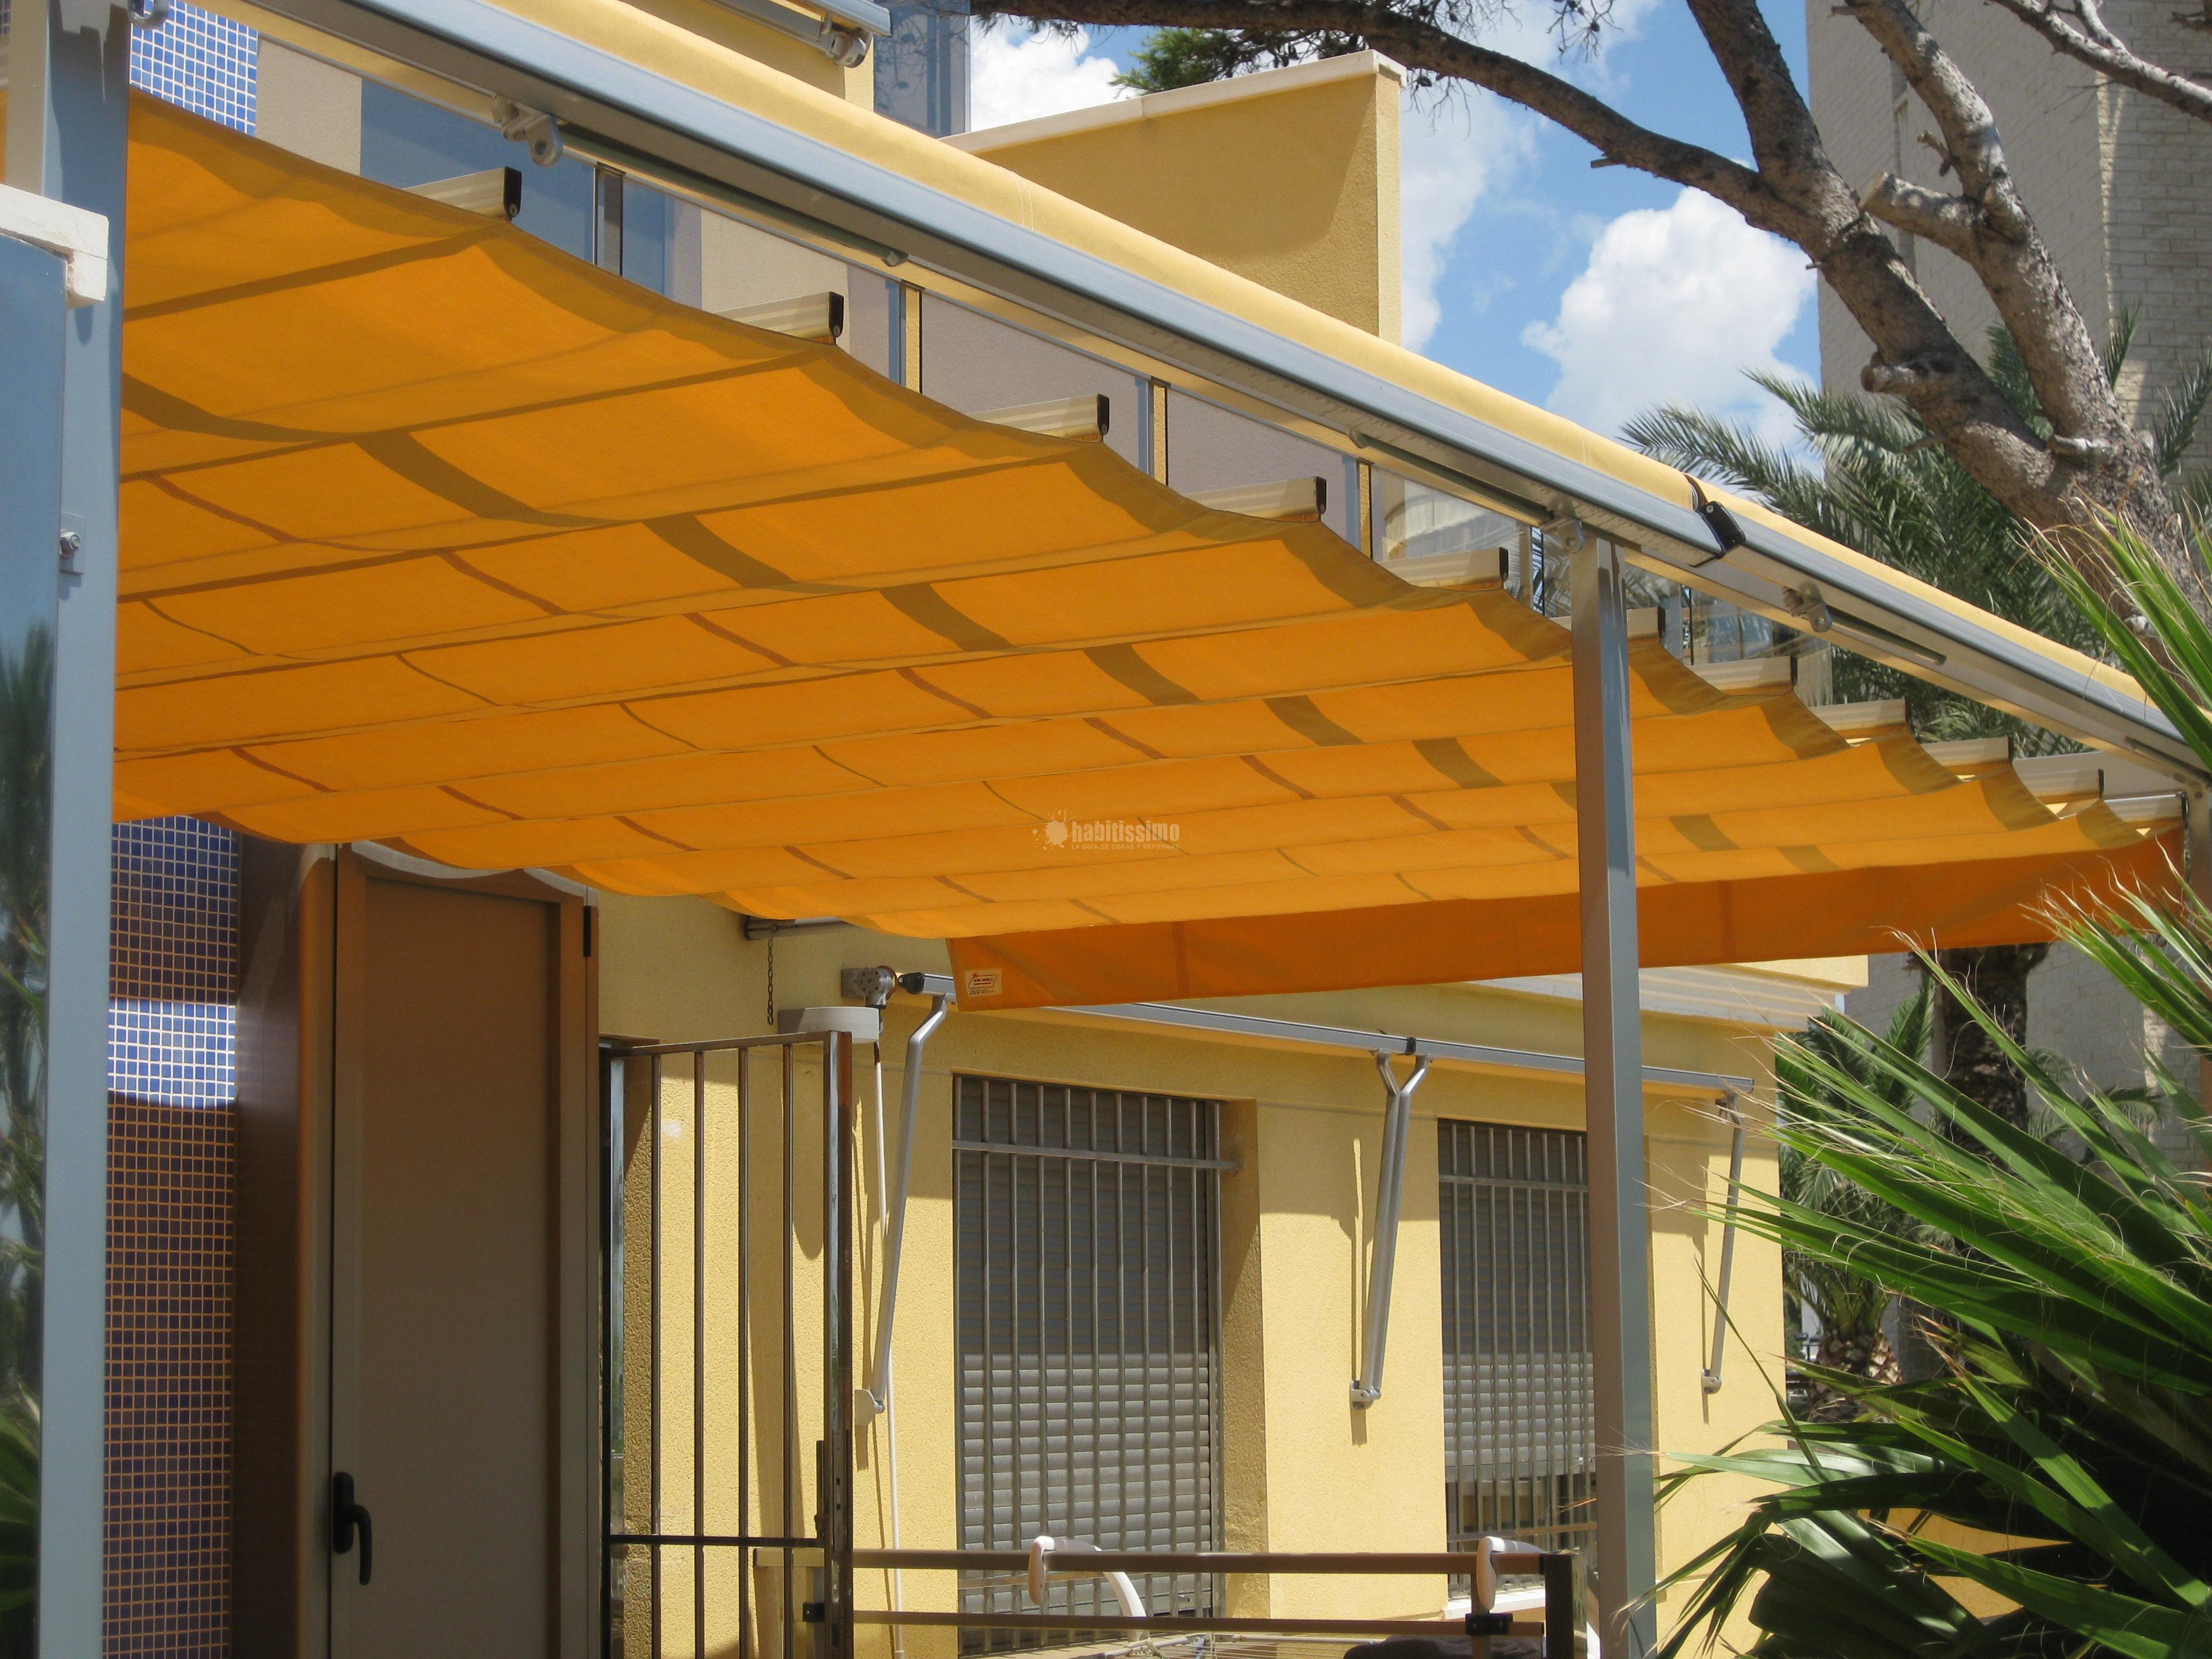 Precios de toldos de terraza dise os arquitect nicos for Toldos para terrazas precios